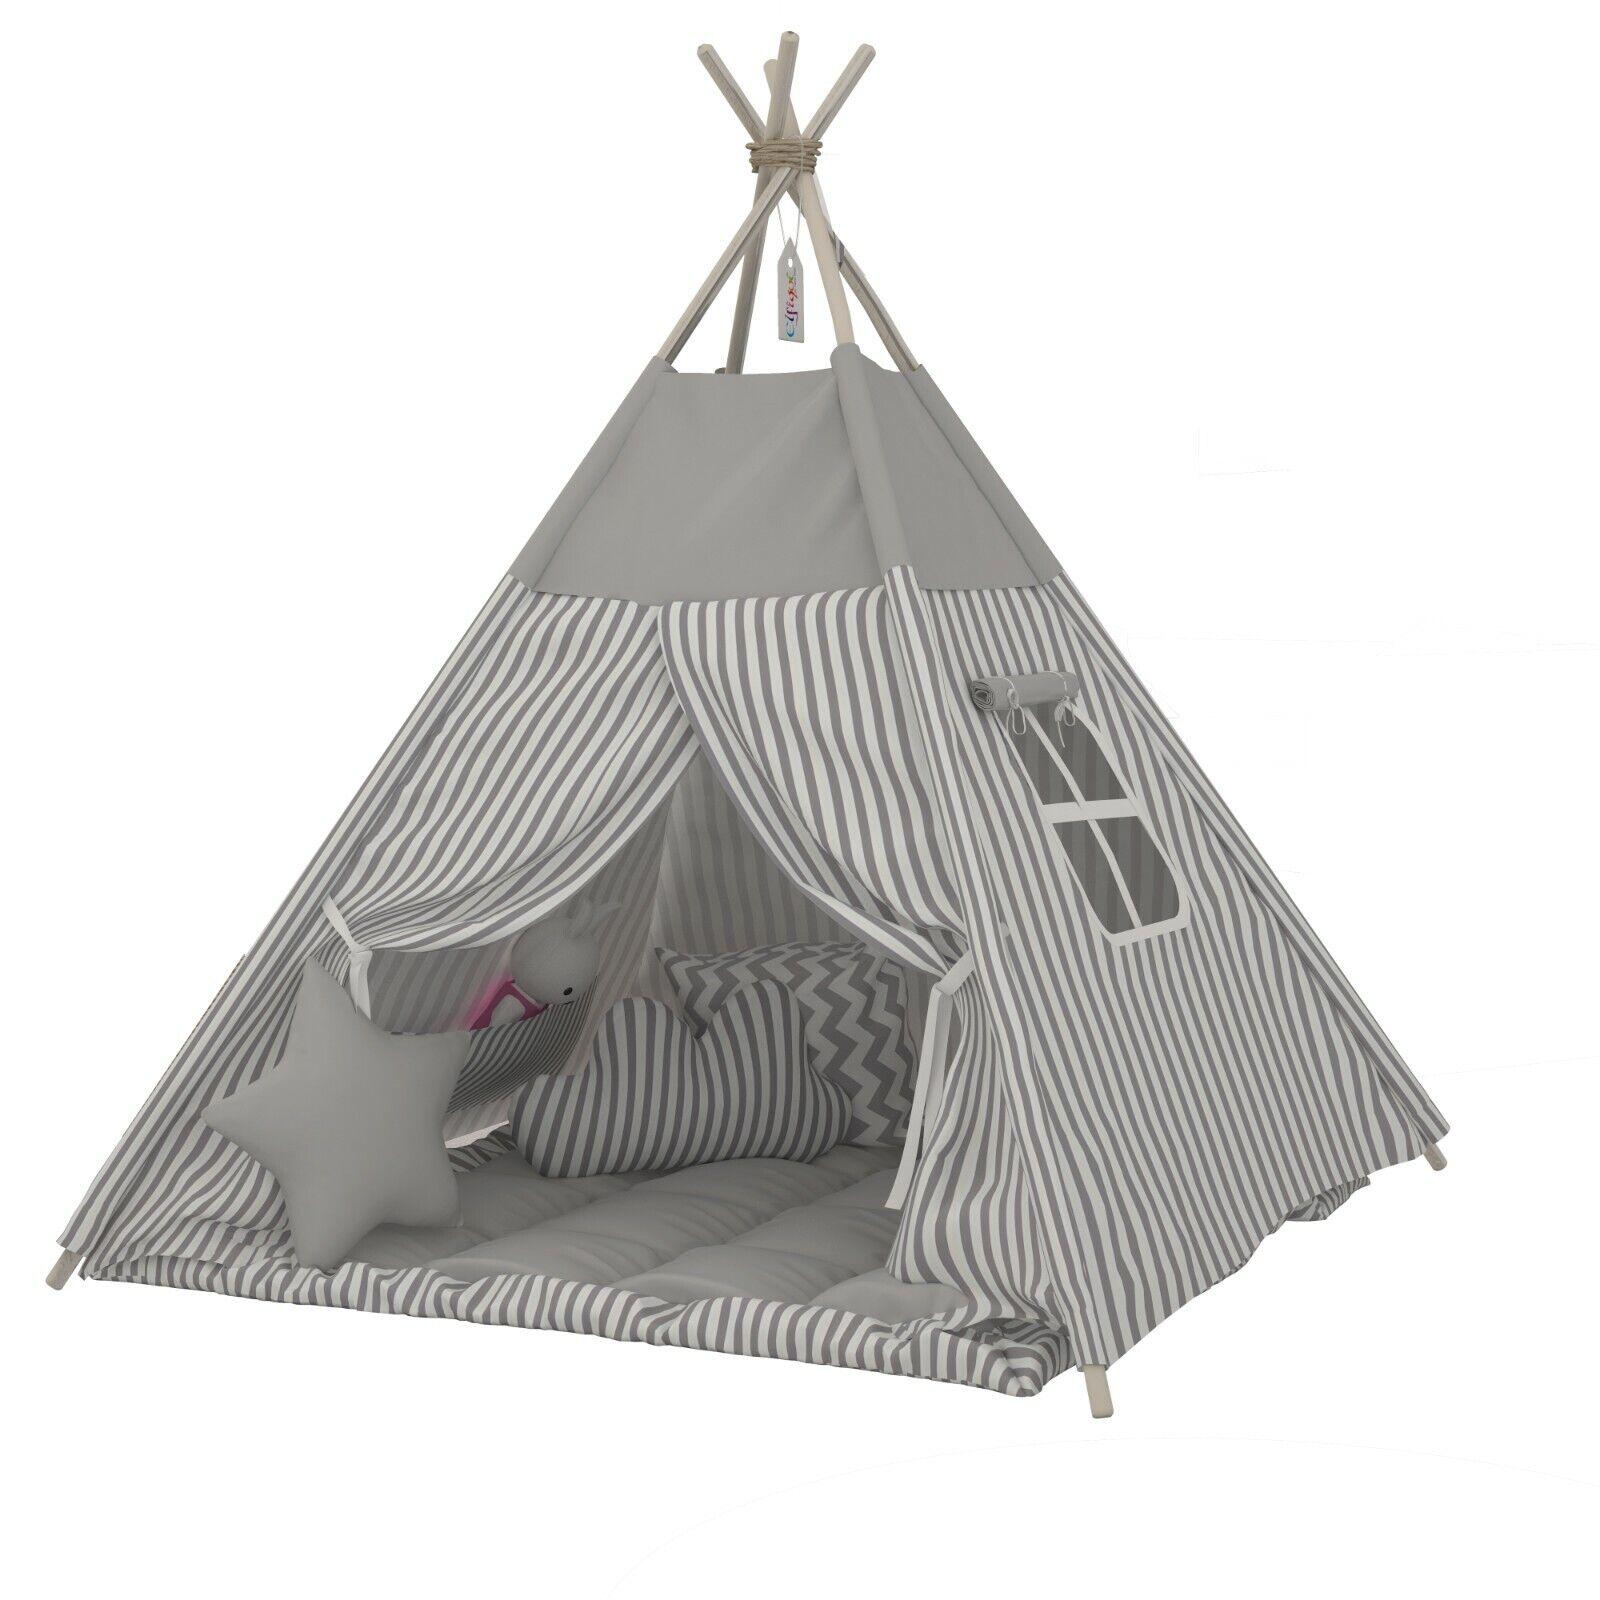 Elfique New Tenda Tenda con Coperta Accessori a Scelta gris Righe